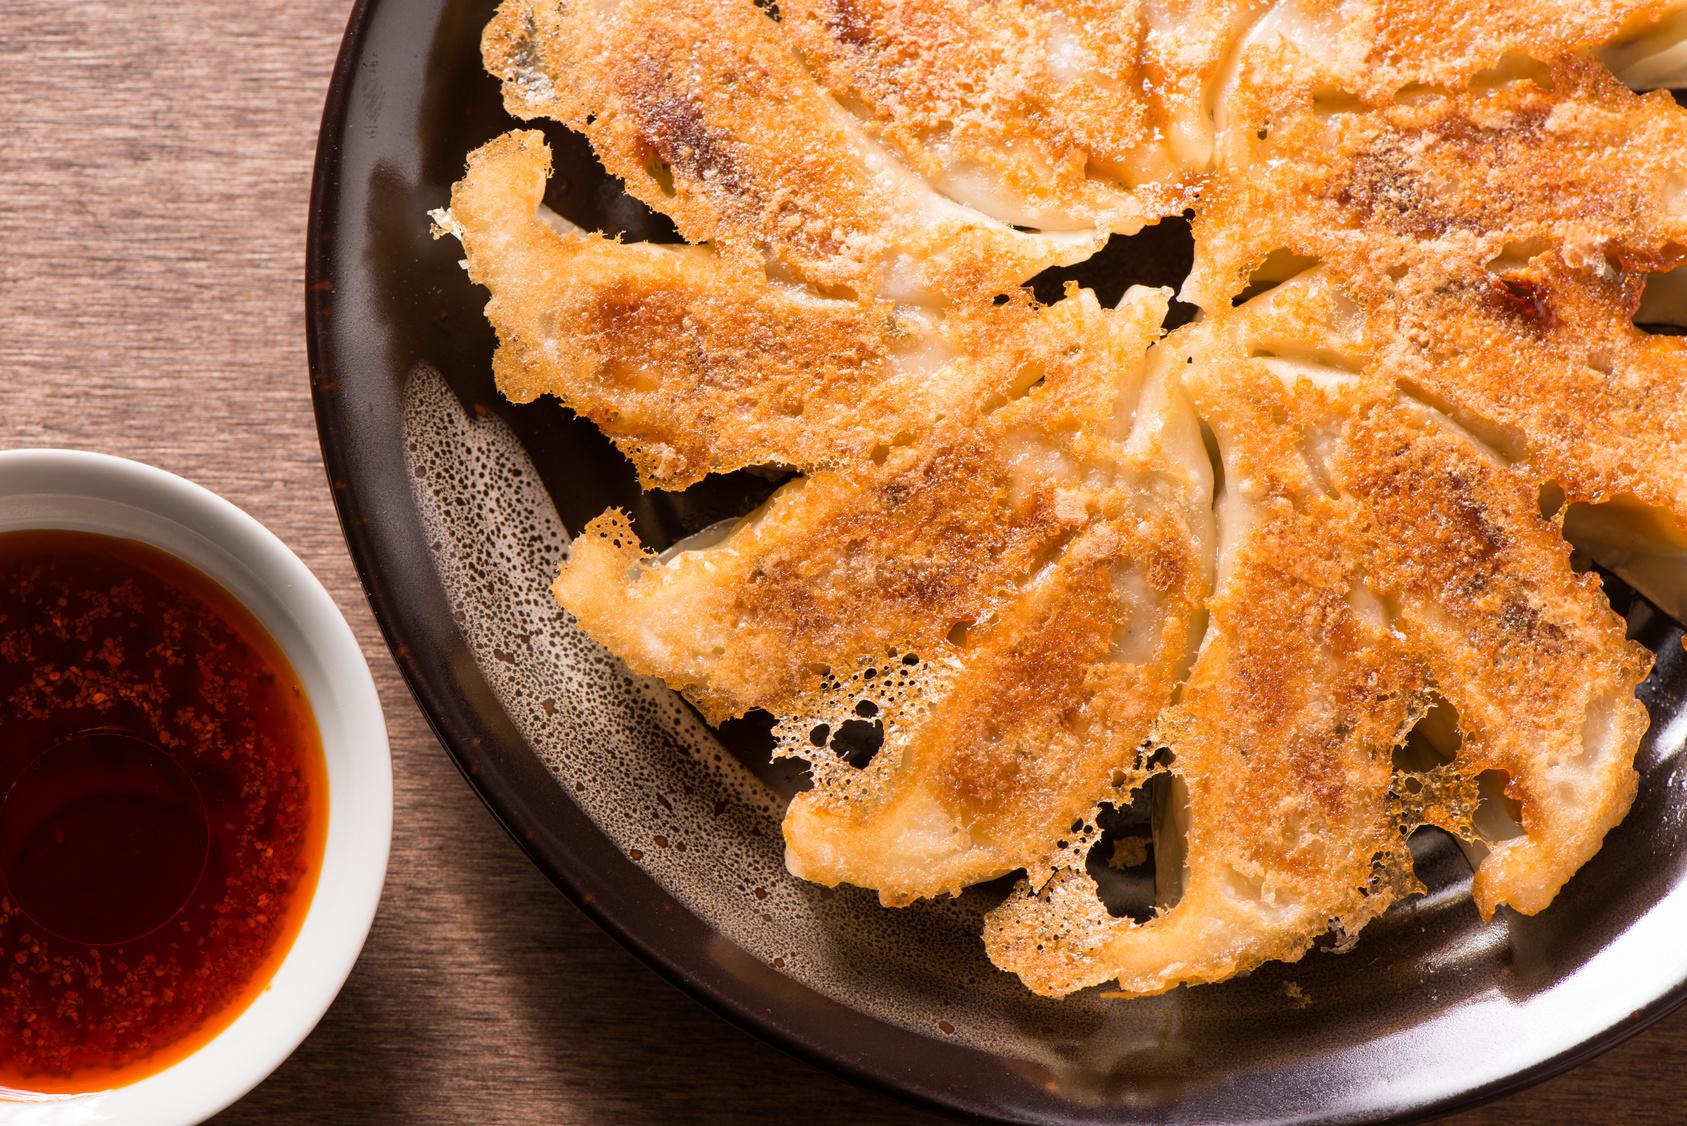 ハマる!柿ピー、パクチー…「餃子にいれると美味しい具材」大調査